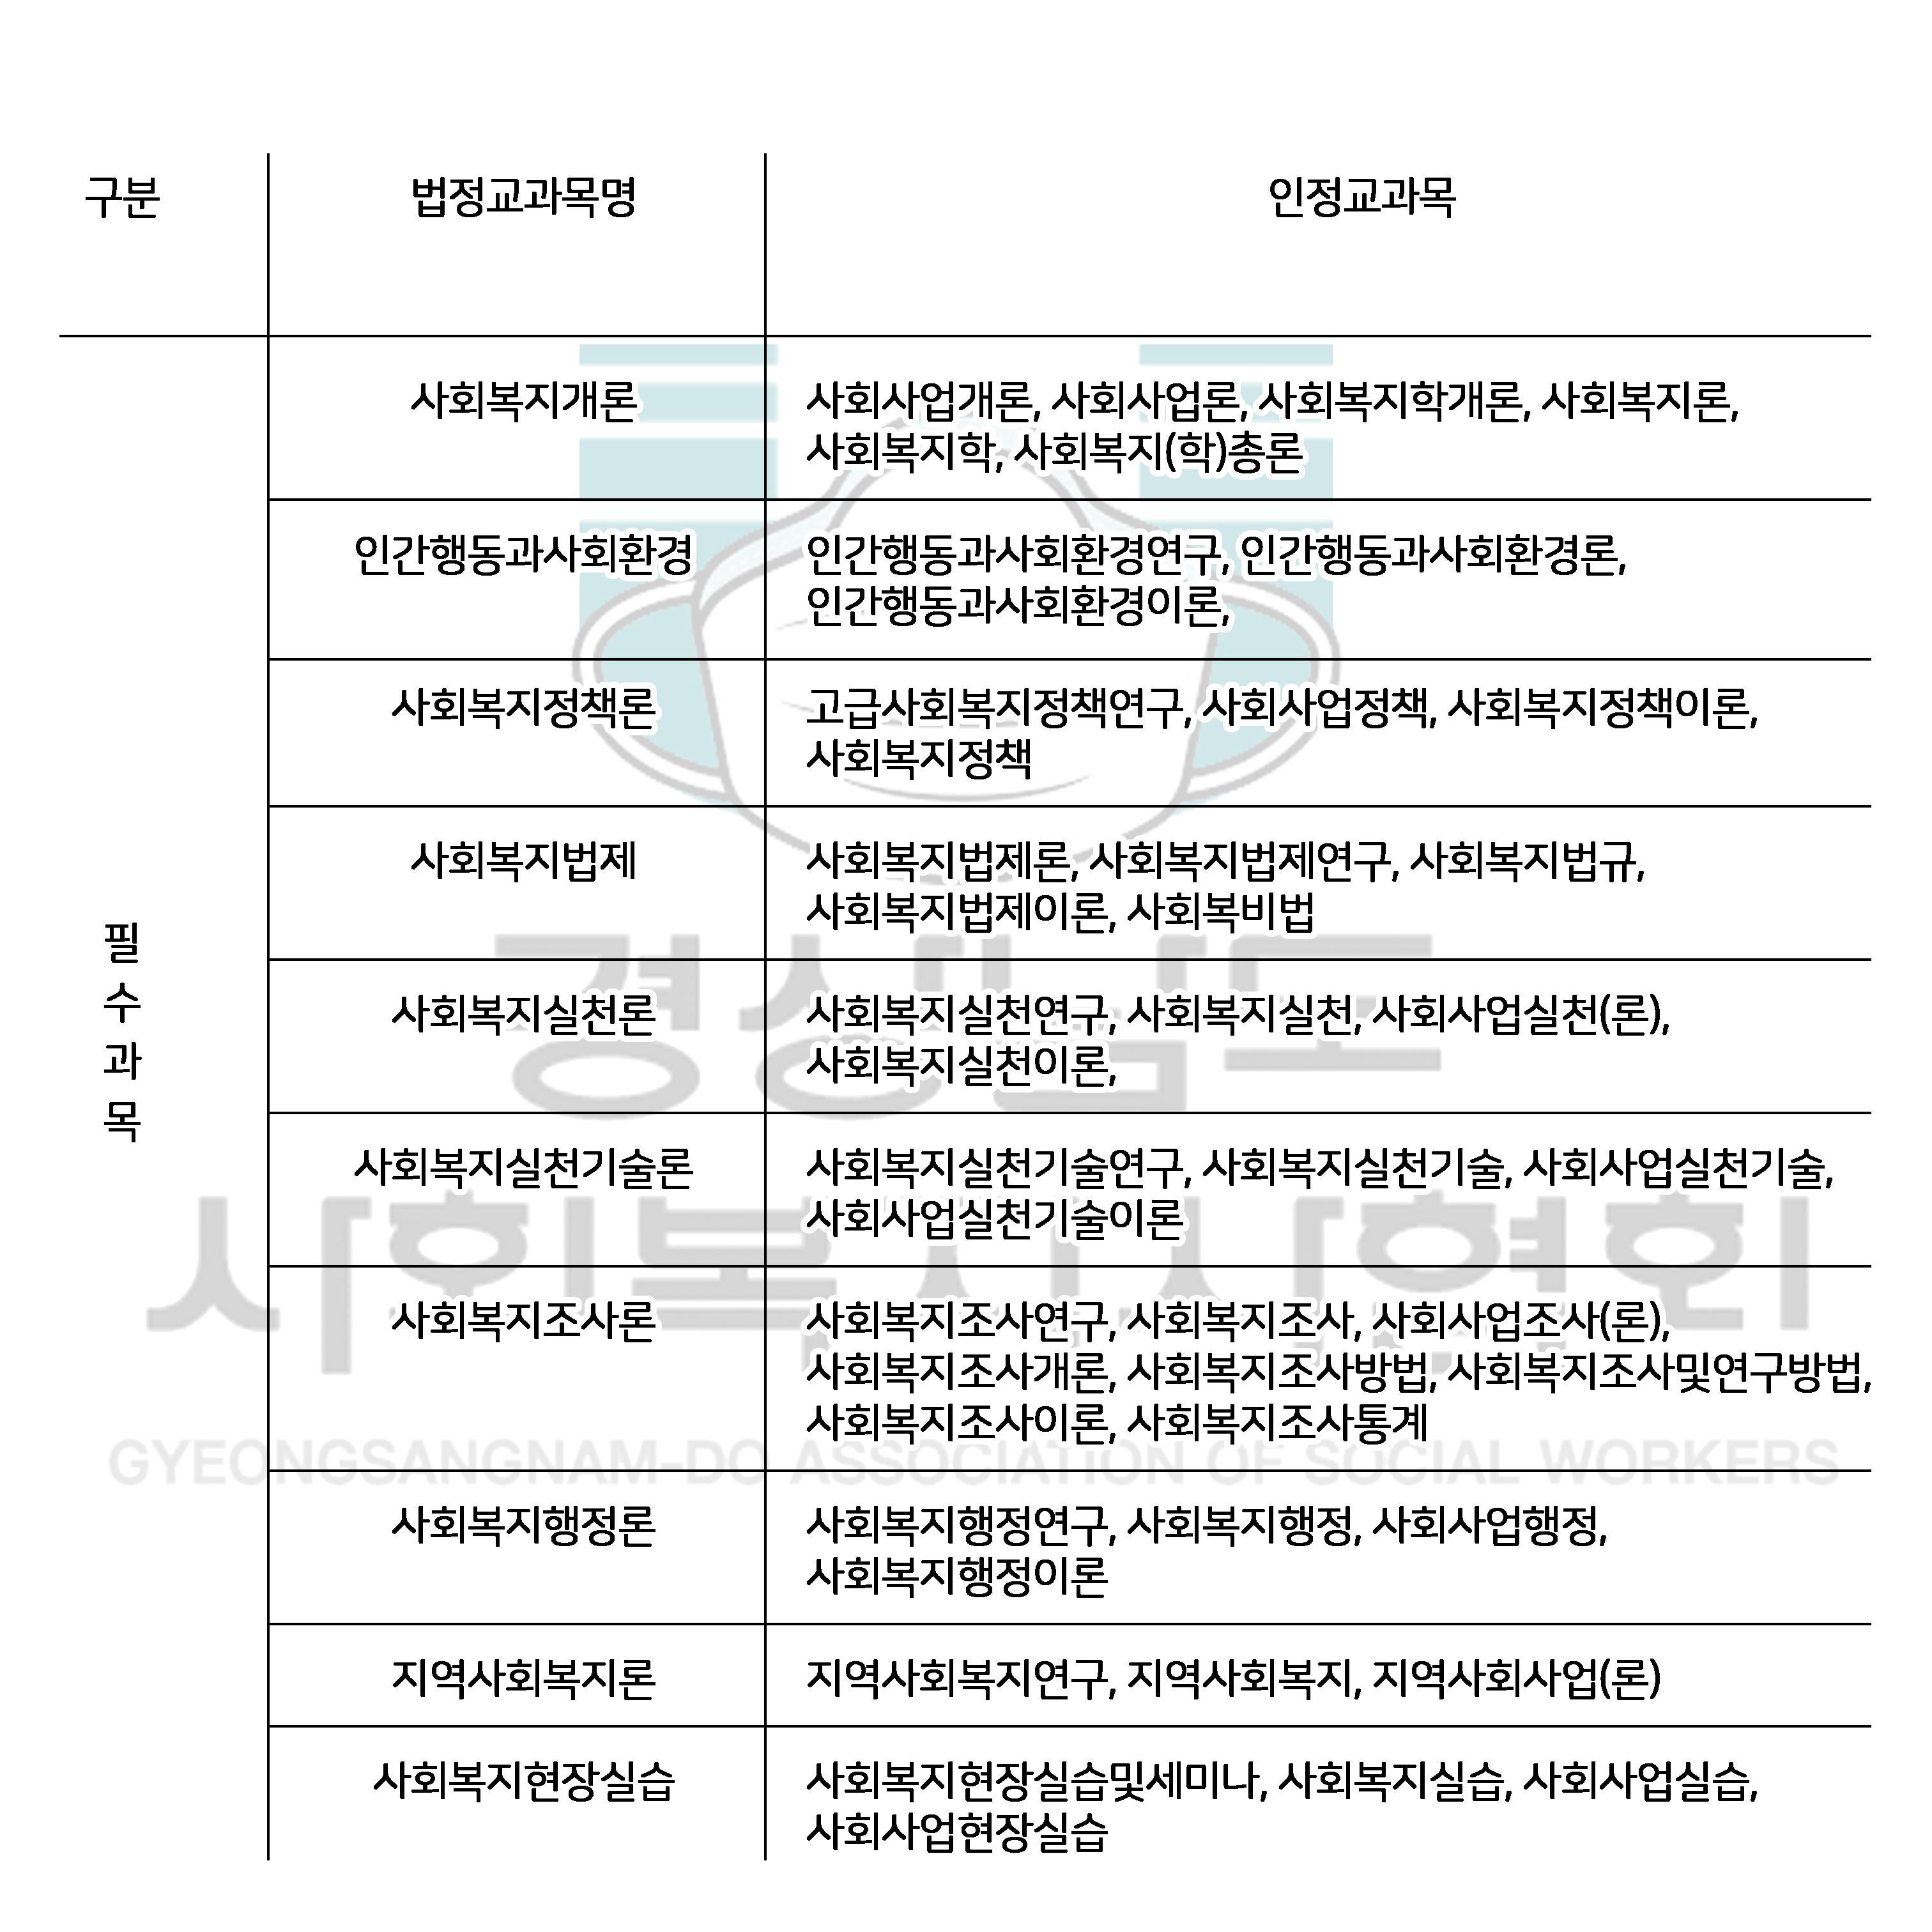 동일교과목 안내-1.jpg